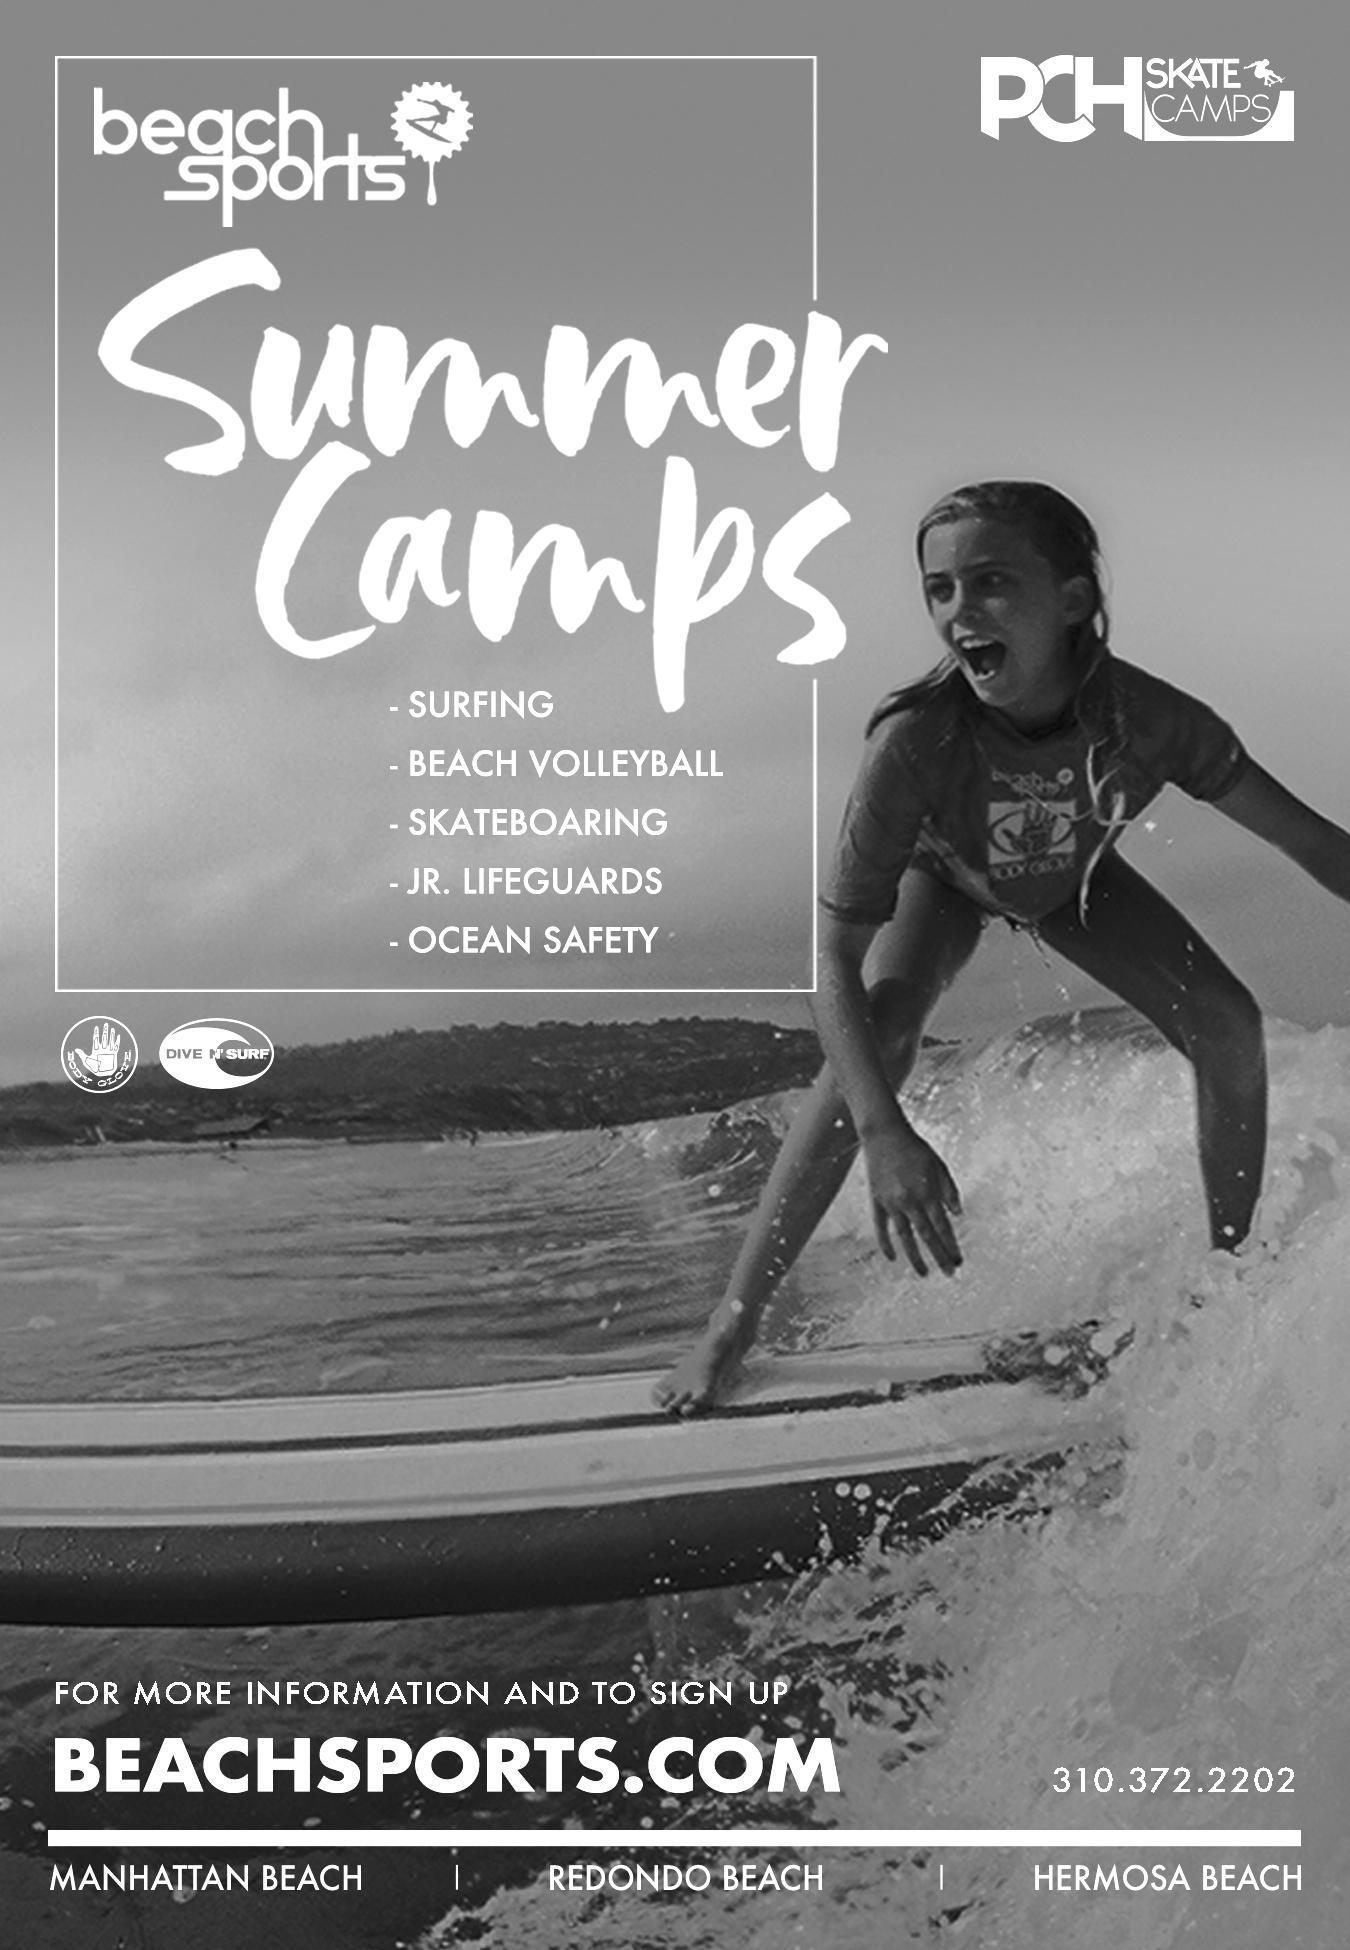 beach sports ad